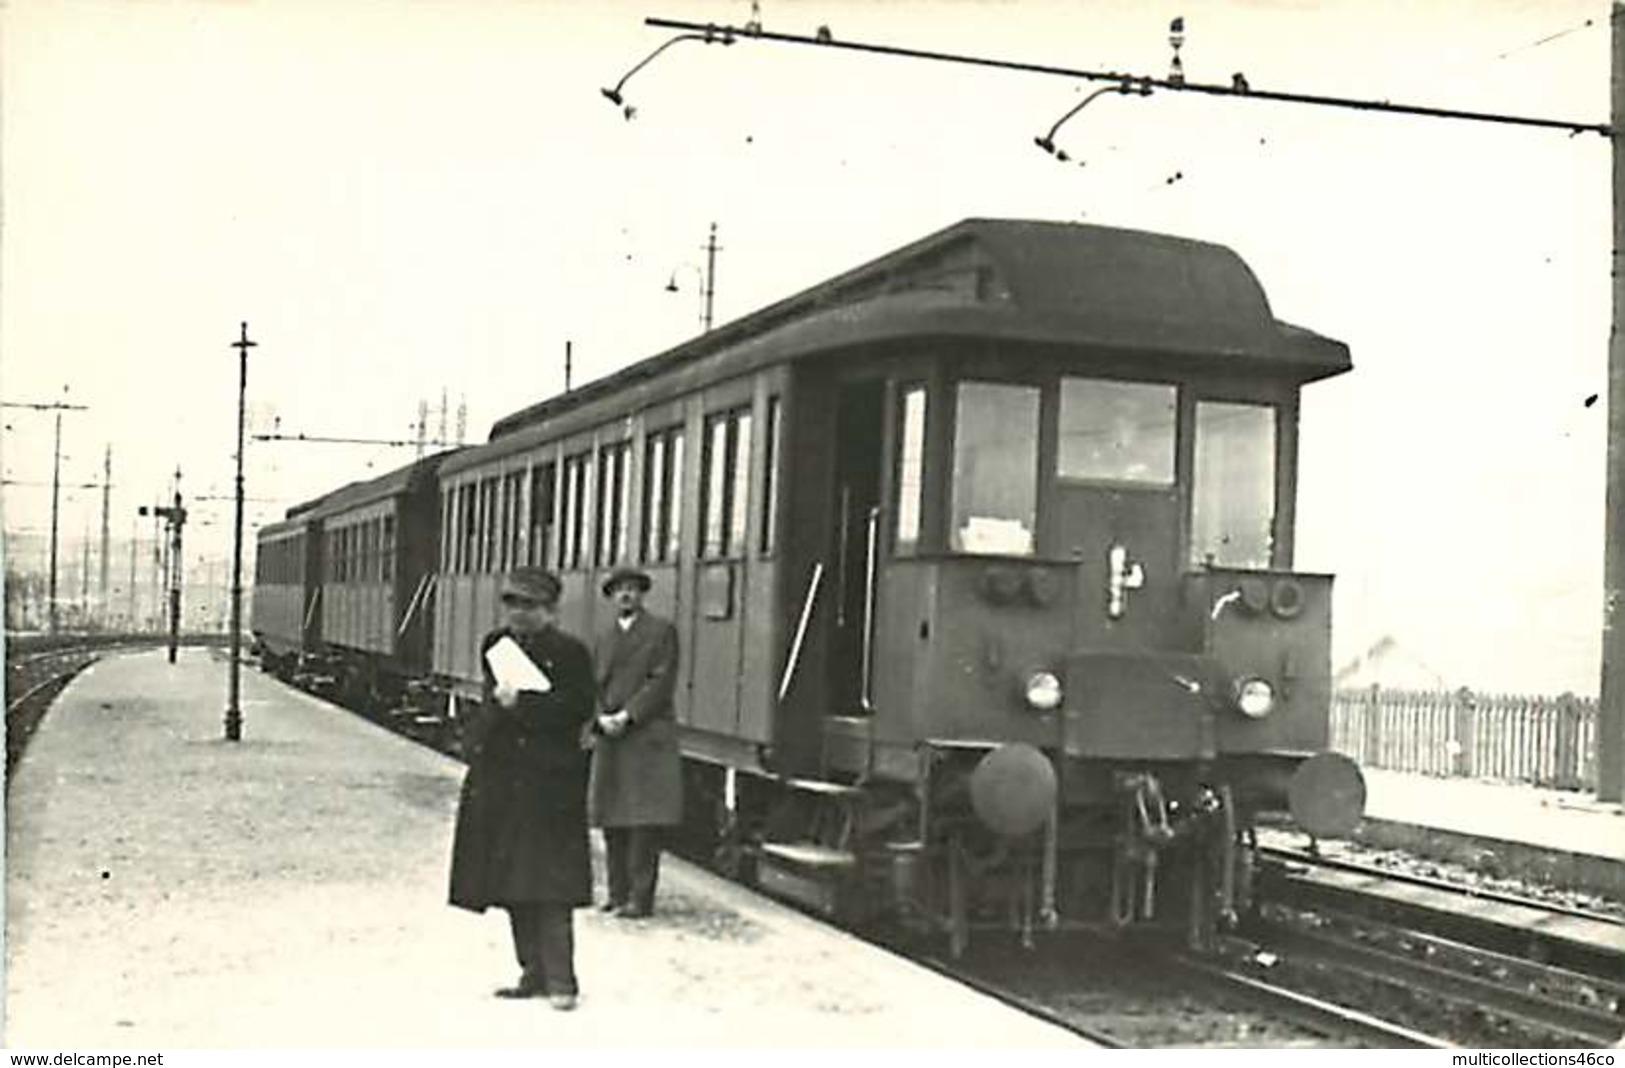 060820 - Photo BREHERET Cliche BEGUE - Chemin De Fer Train Gare - Locomotive Wagon Chef De Gare Cheminot Passager ITALIE - Trains